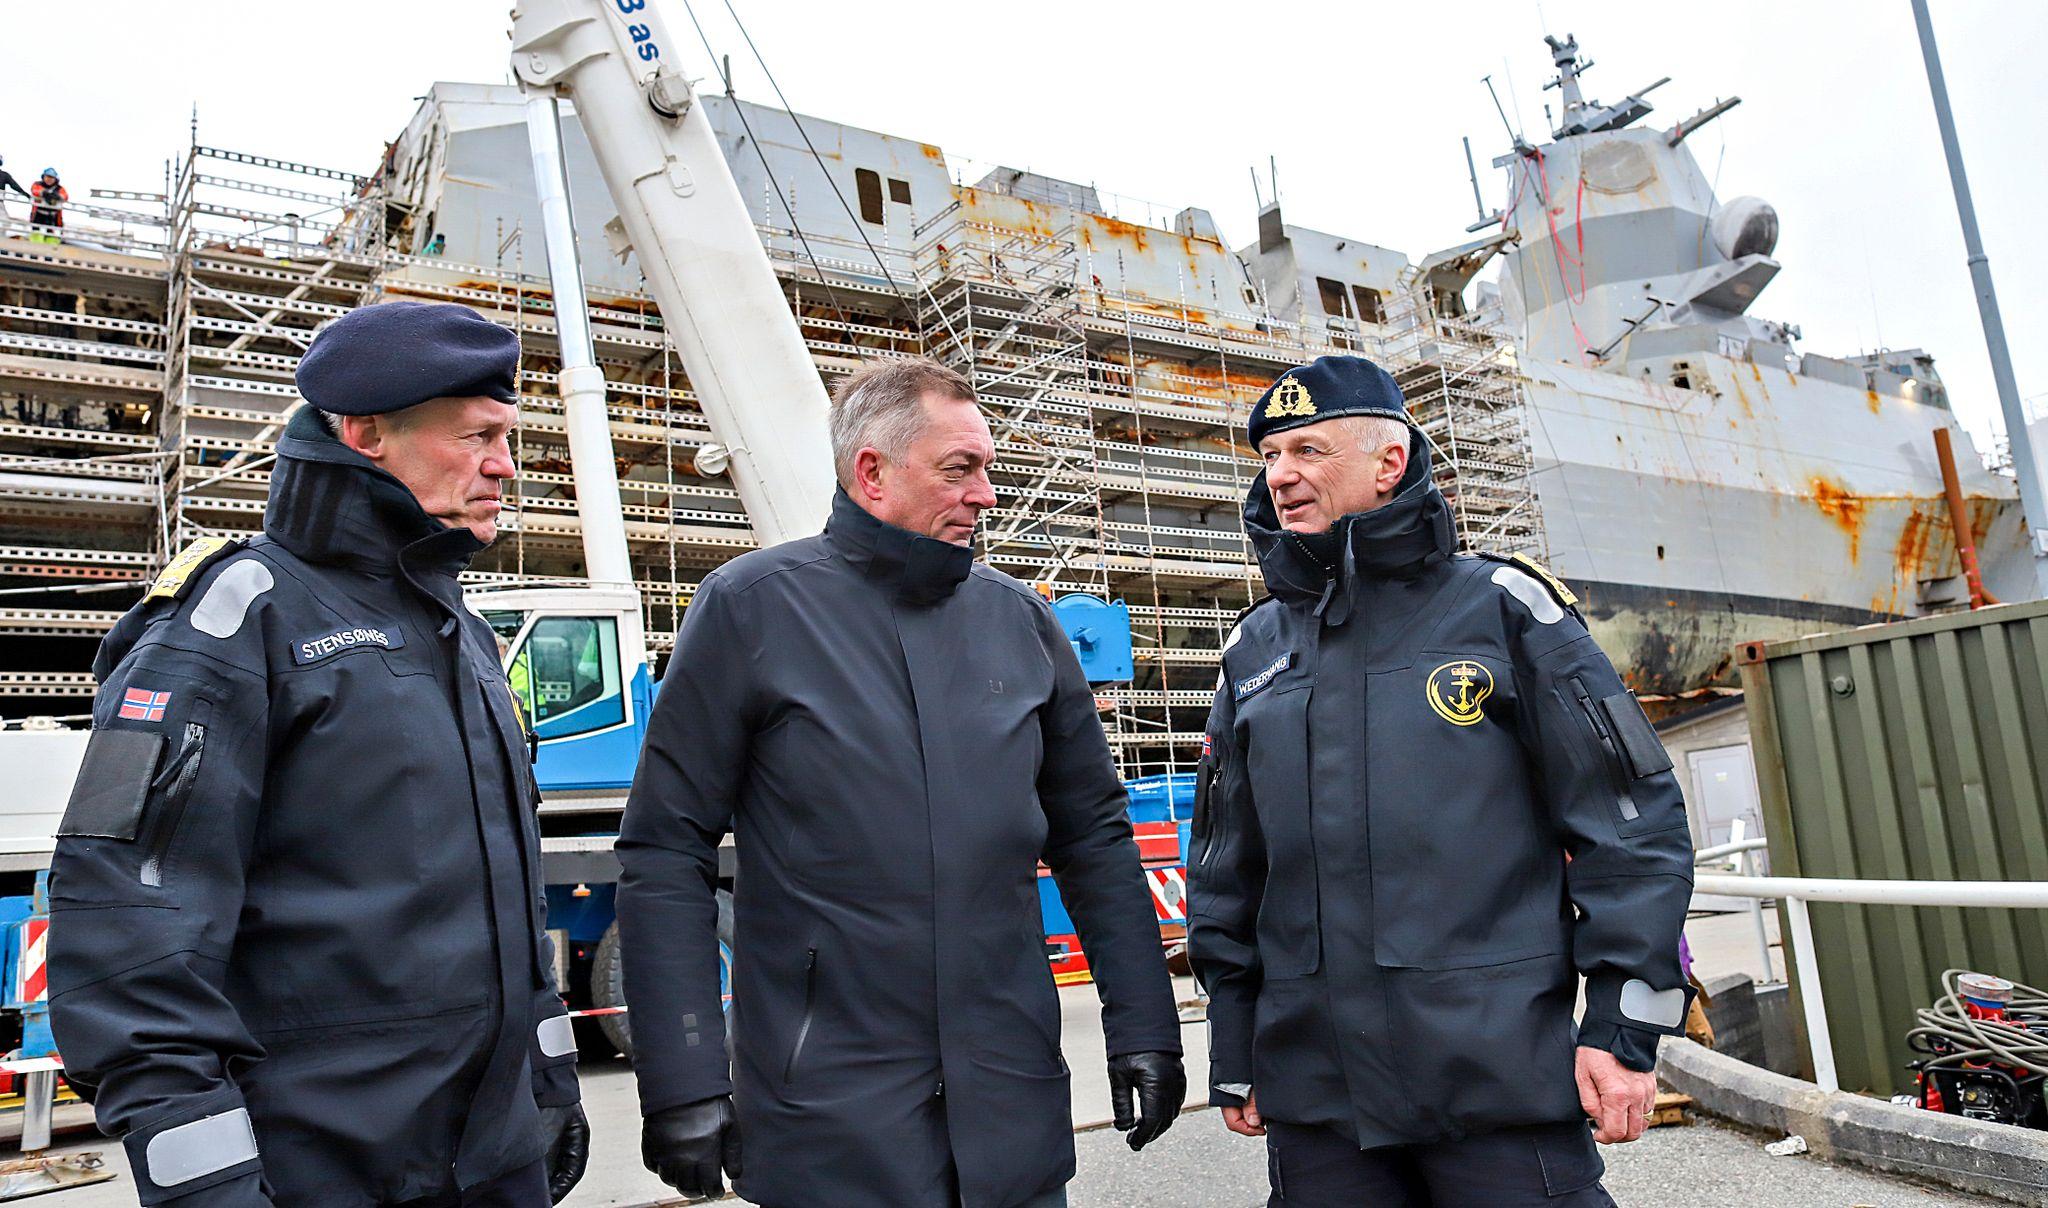 Forsvaret: Koster 12 milliarder å fikse KNM «Helge Ingstad»